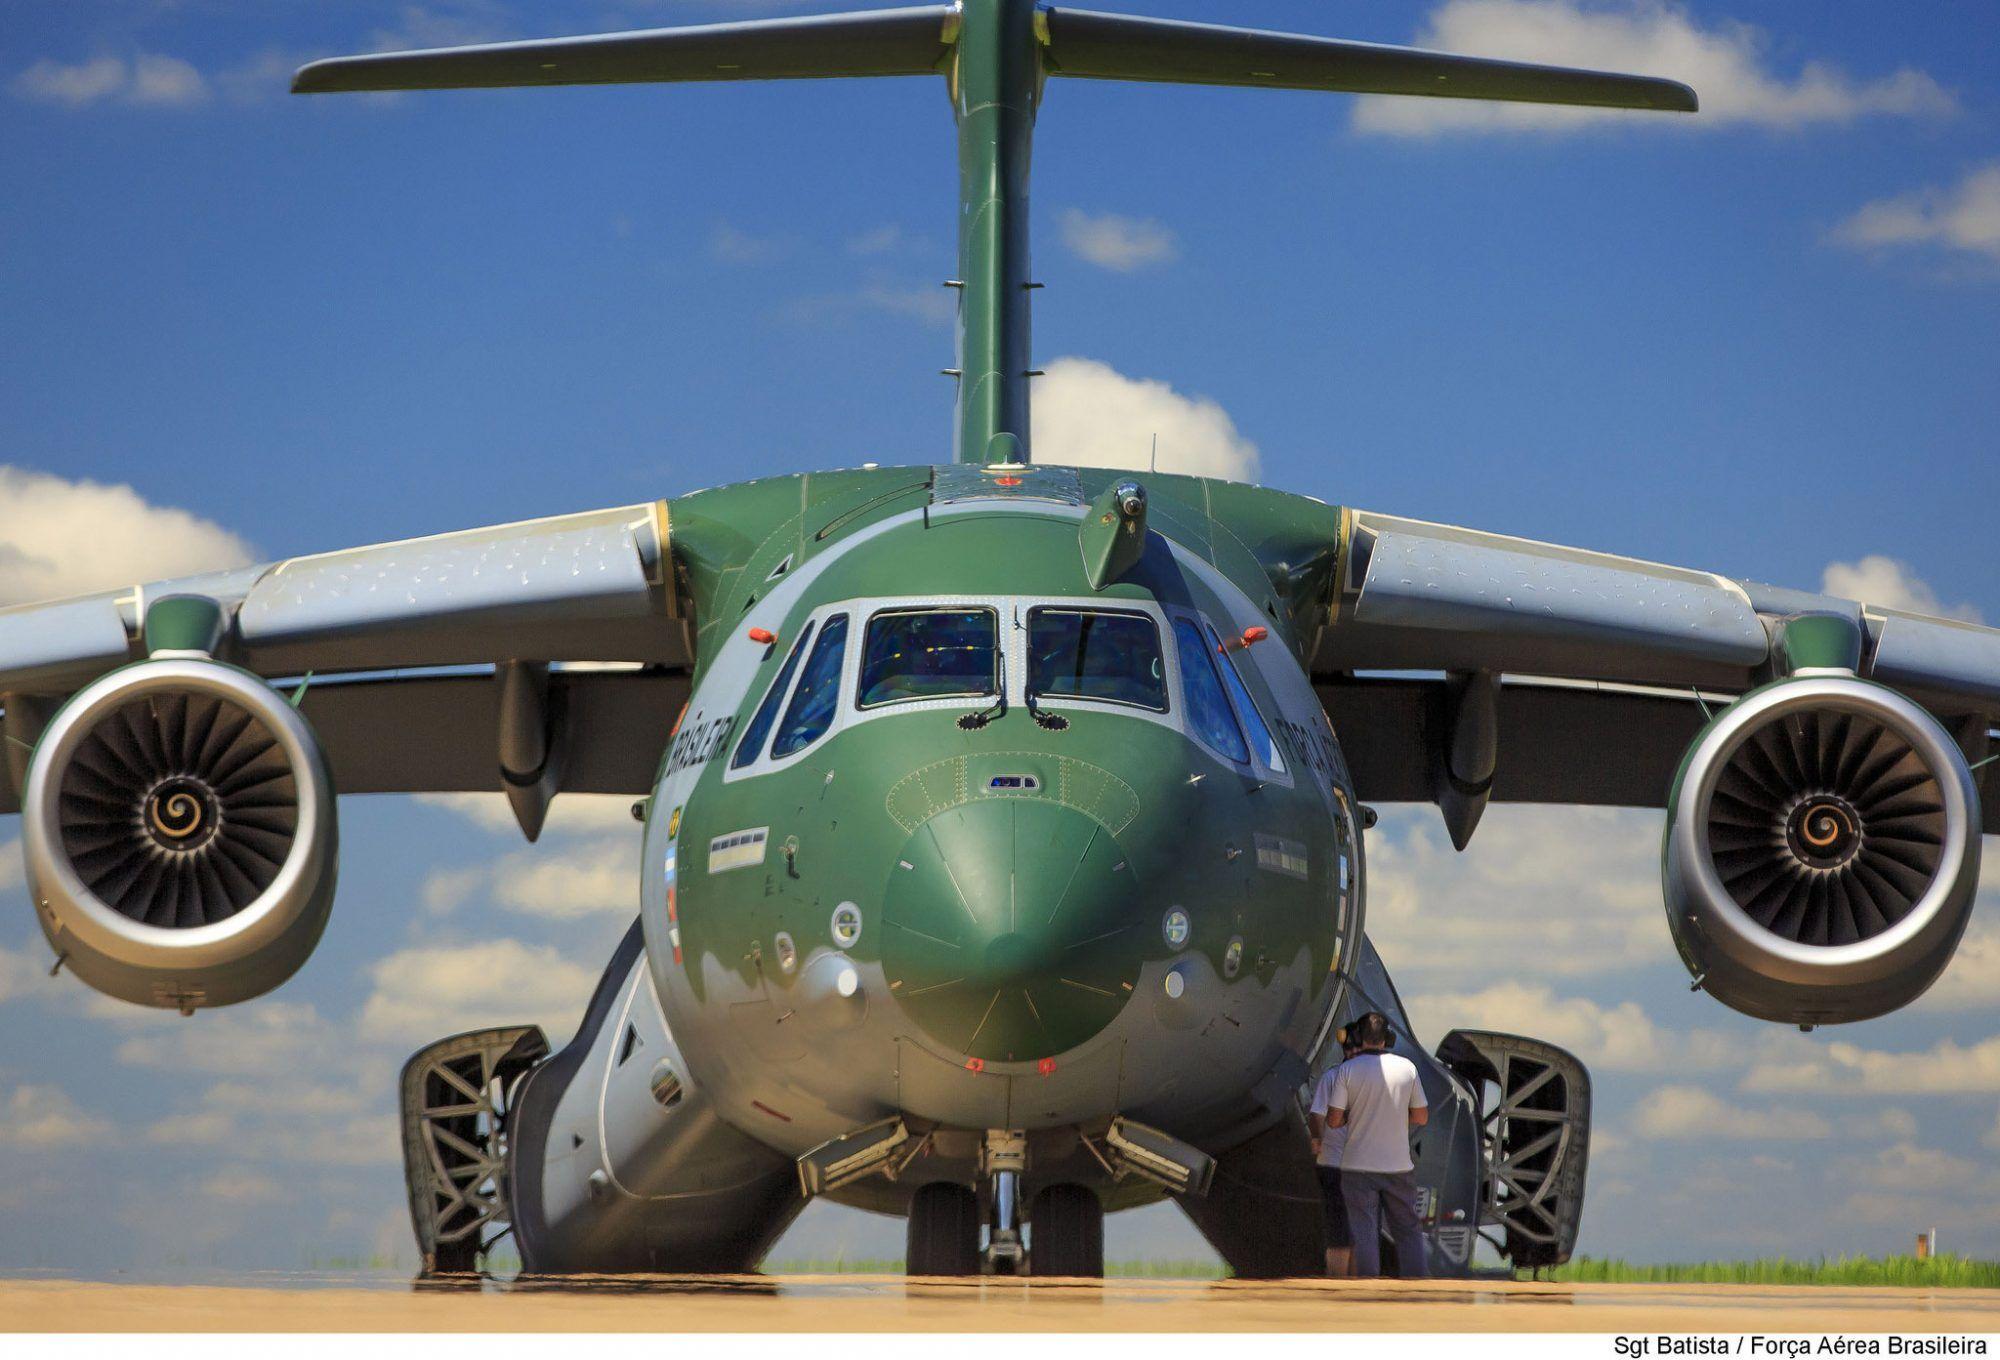 30220c6bc6722 Dois primeiros Embraer KC-390 da FAB serão recebidos em 2018 - Poder Aéreo  - Forças Aéreas e Indústria Aeronáutica